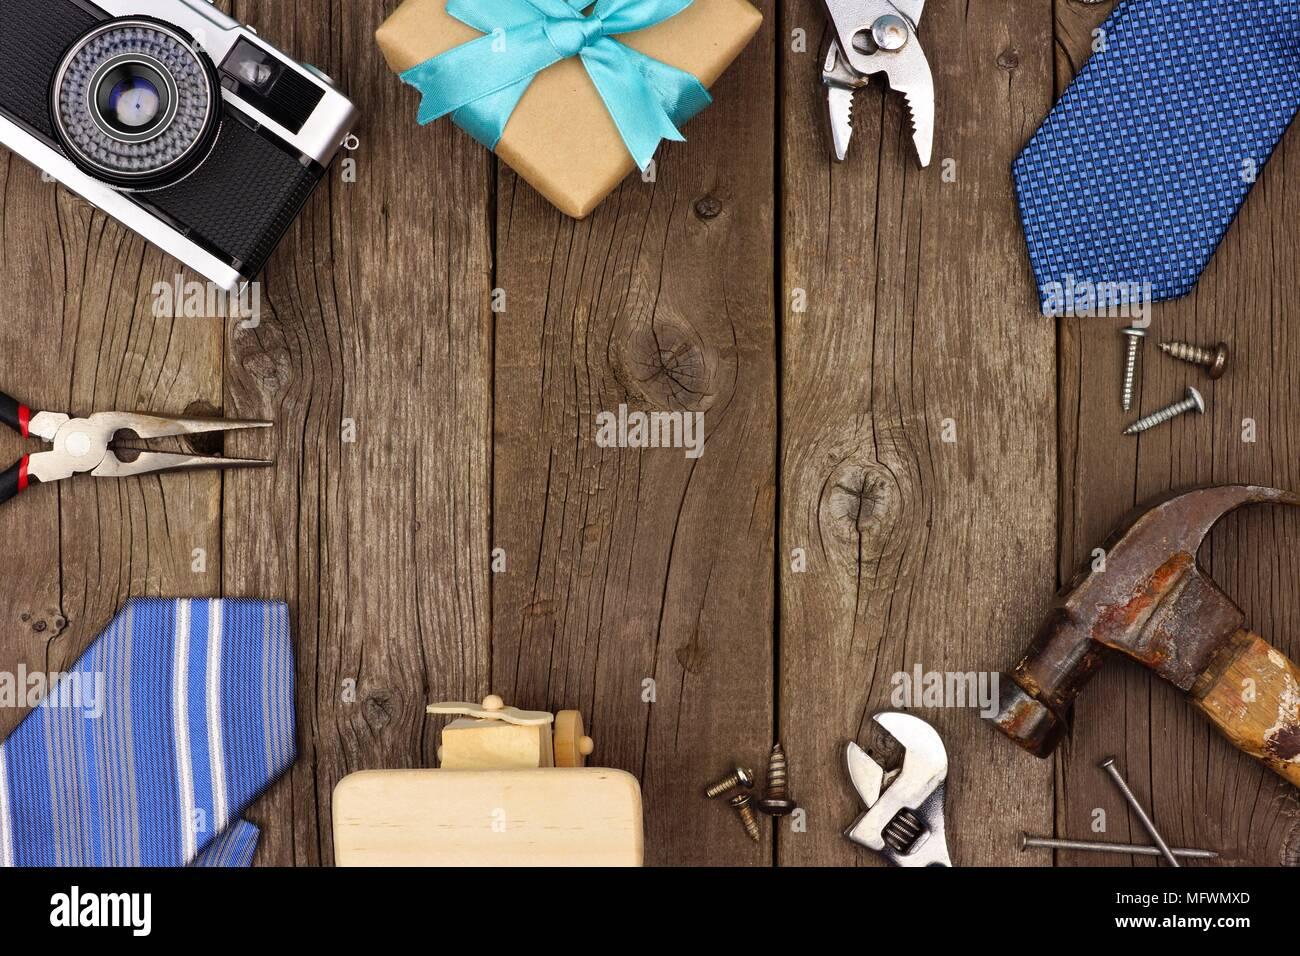 Padri giorno riquadro tematico dei doni, di legami e di strumenti in legno rustico sfondo. Vista da sopra con copia spazio. Foto Stock